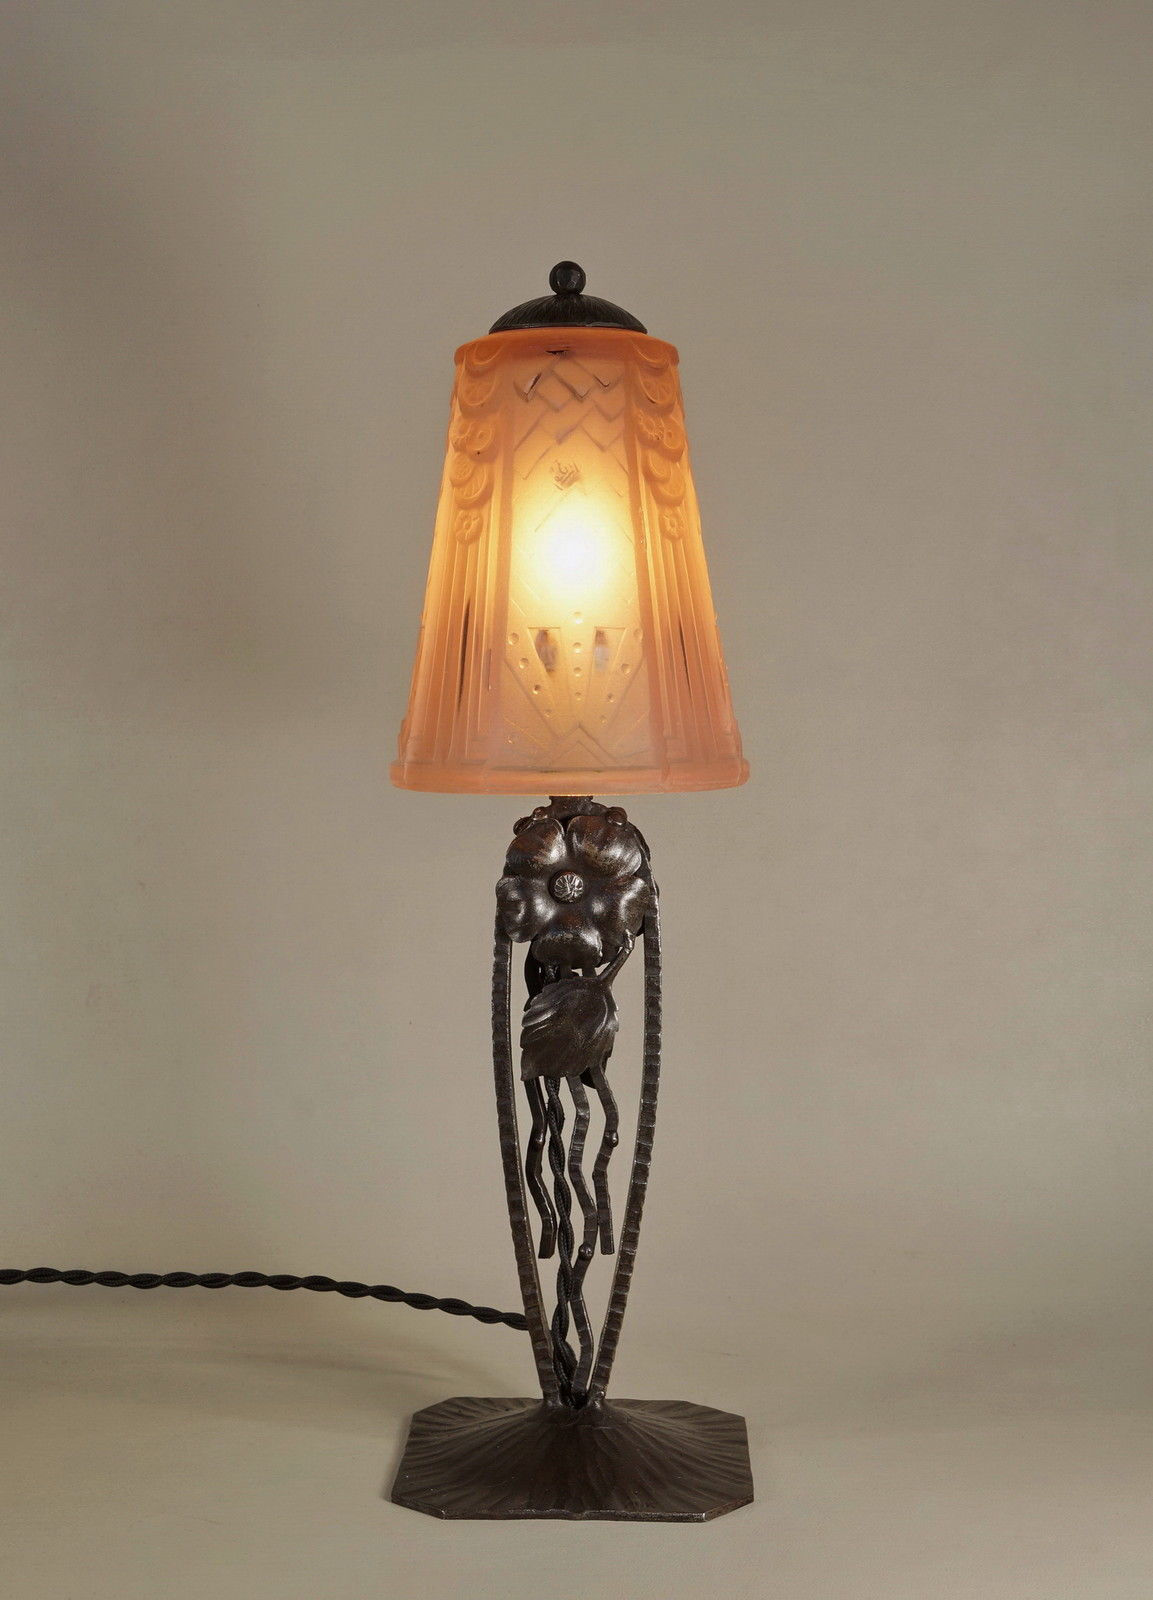 ミューラー兄弟 アールデコ幾何学模様のランプ